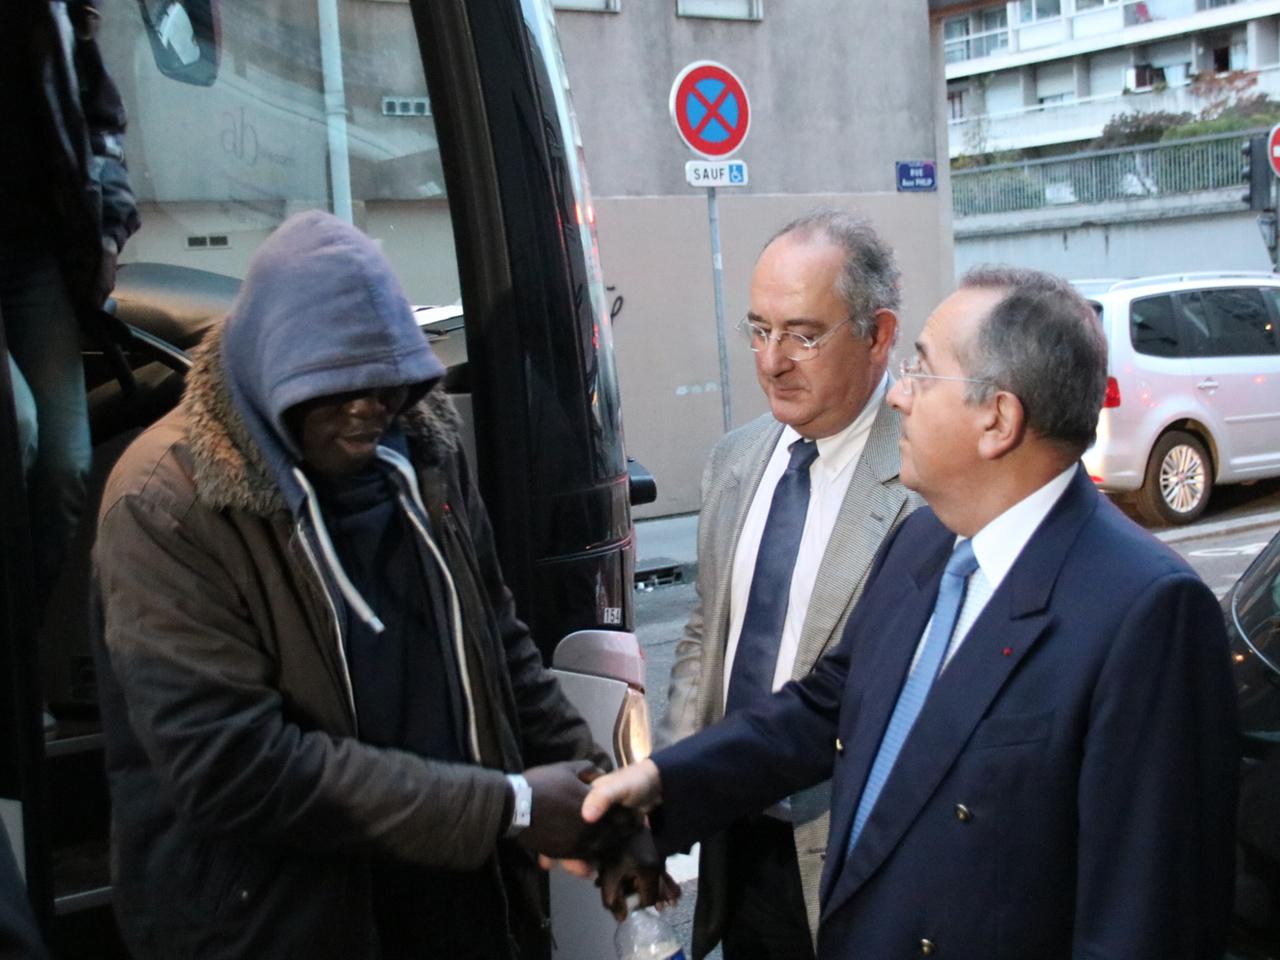 Les migrants étaient accueillis par le préfet du Rhône - LyonMag